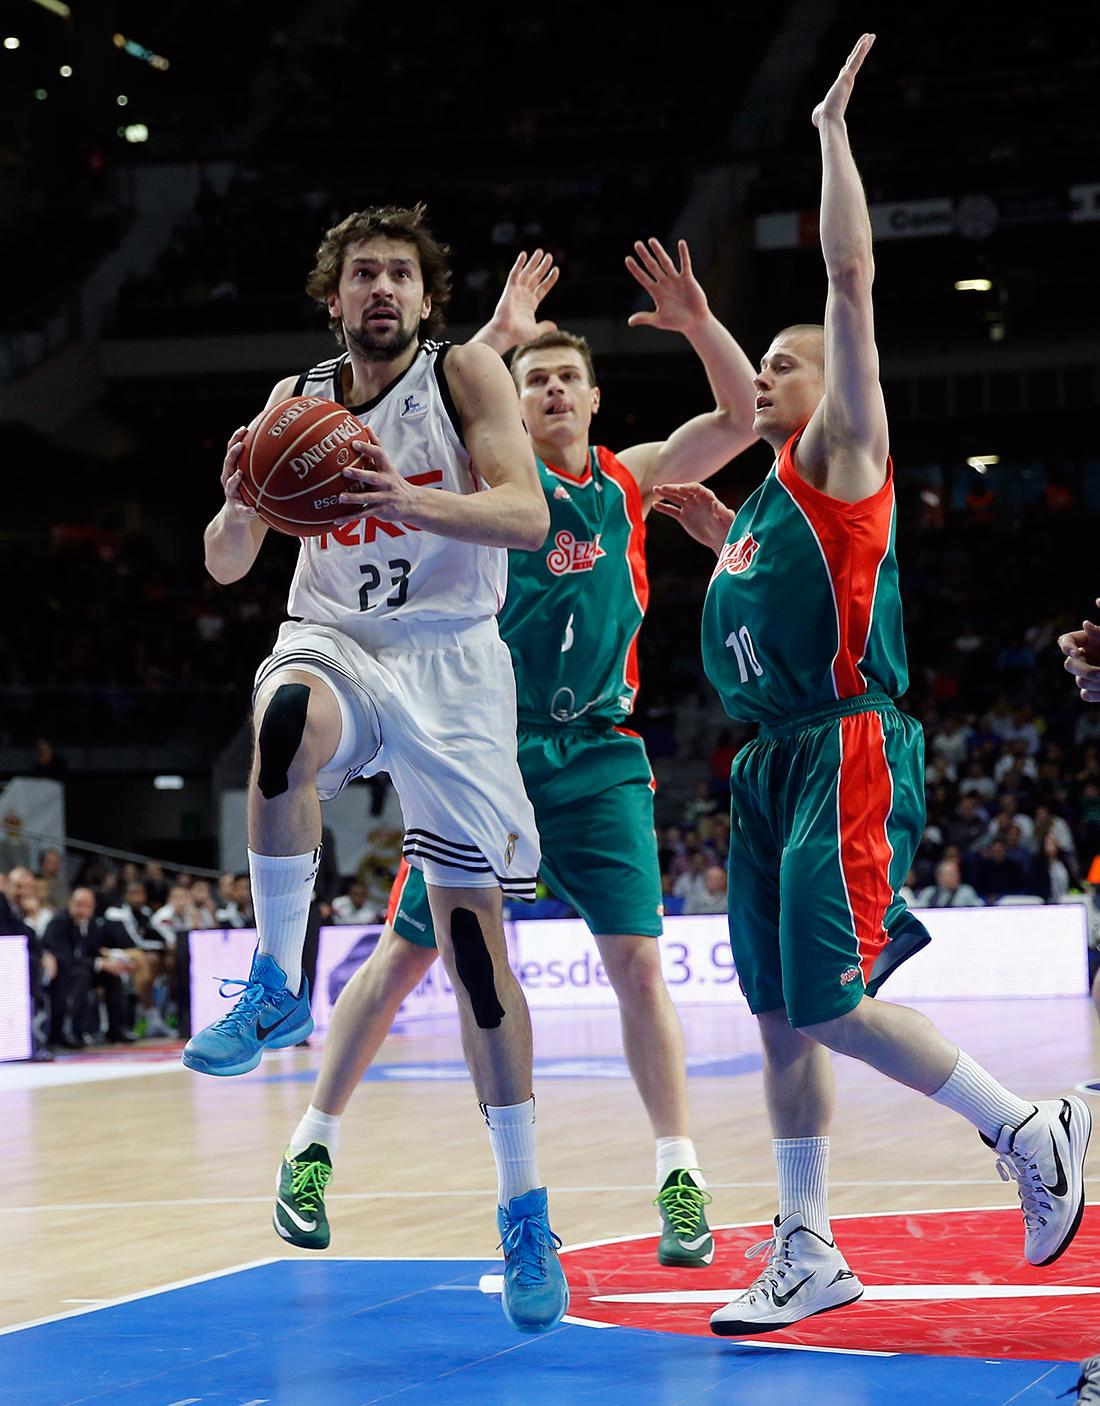 ACB Photo/A. Tello